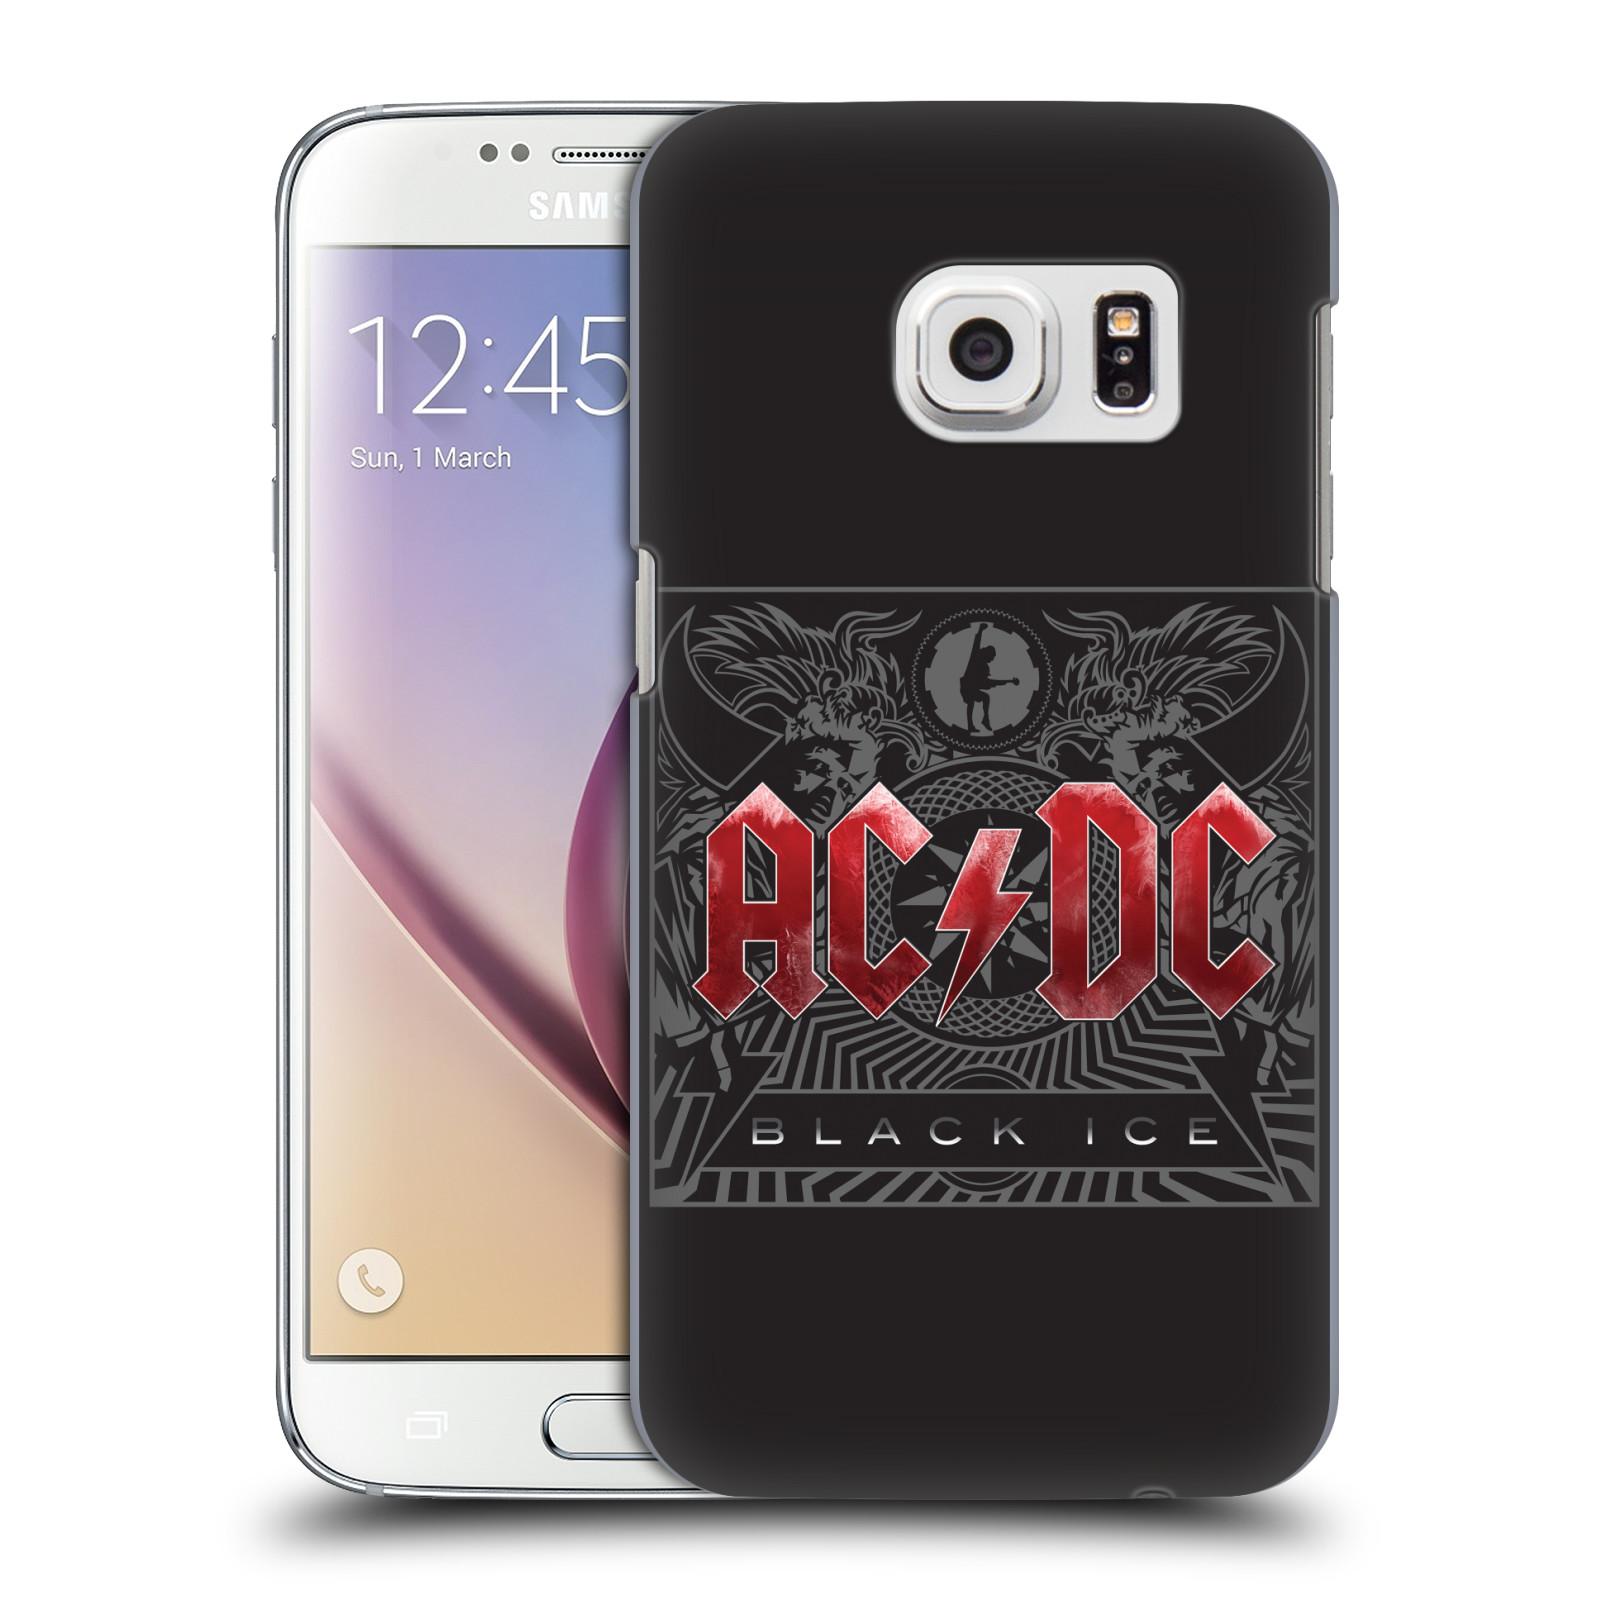 Plastové pouzdro na mobil Samsung Galaxy S7 HEAD CASE AC/DC Black Ice (Plastový kryt či obal na mobilní telefon s oficiálním motivem australské skupiny AC/DC pro Samsung Galaxy S7 SM-G930F)